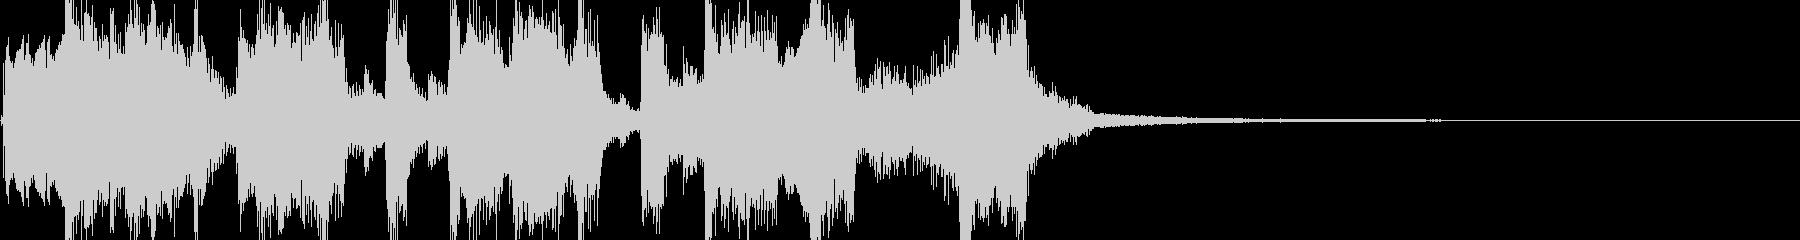 ポンコツ可笑しなトランペットジングルの未再生の波形